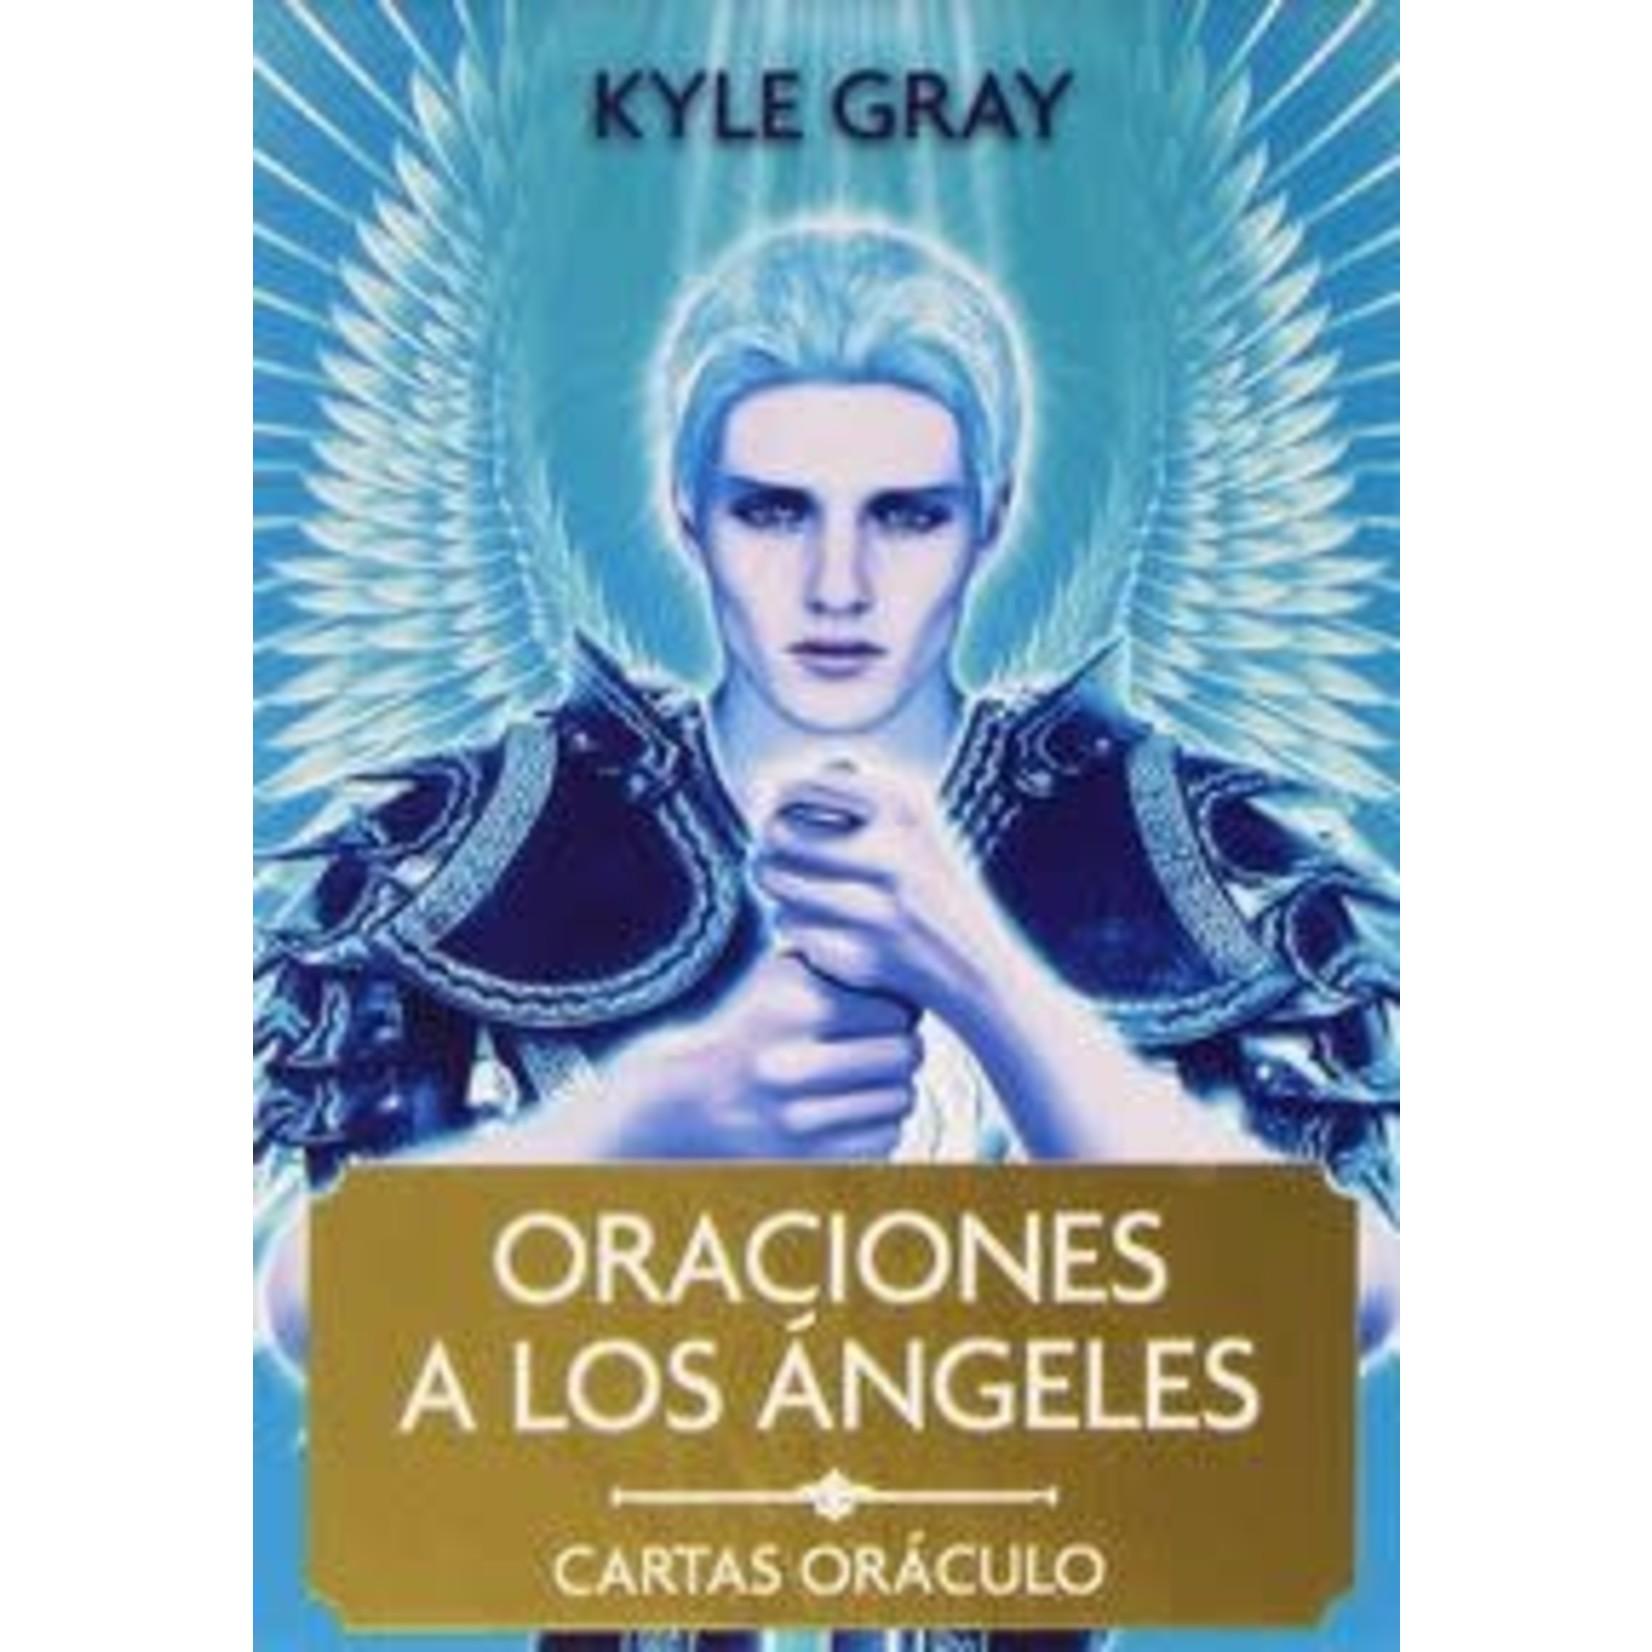 Oraciones a los ángeles, cartas oráculos